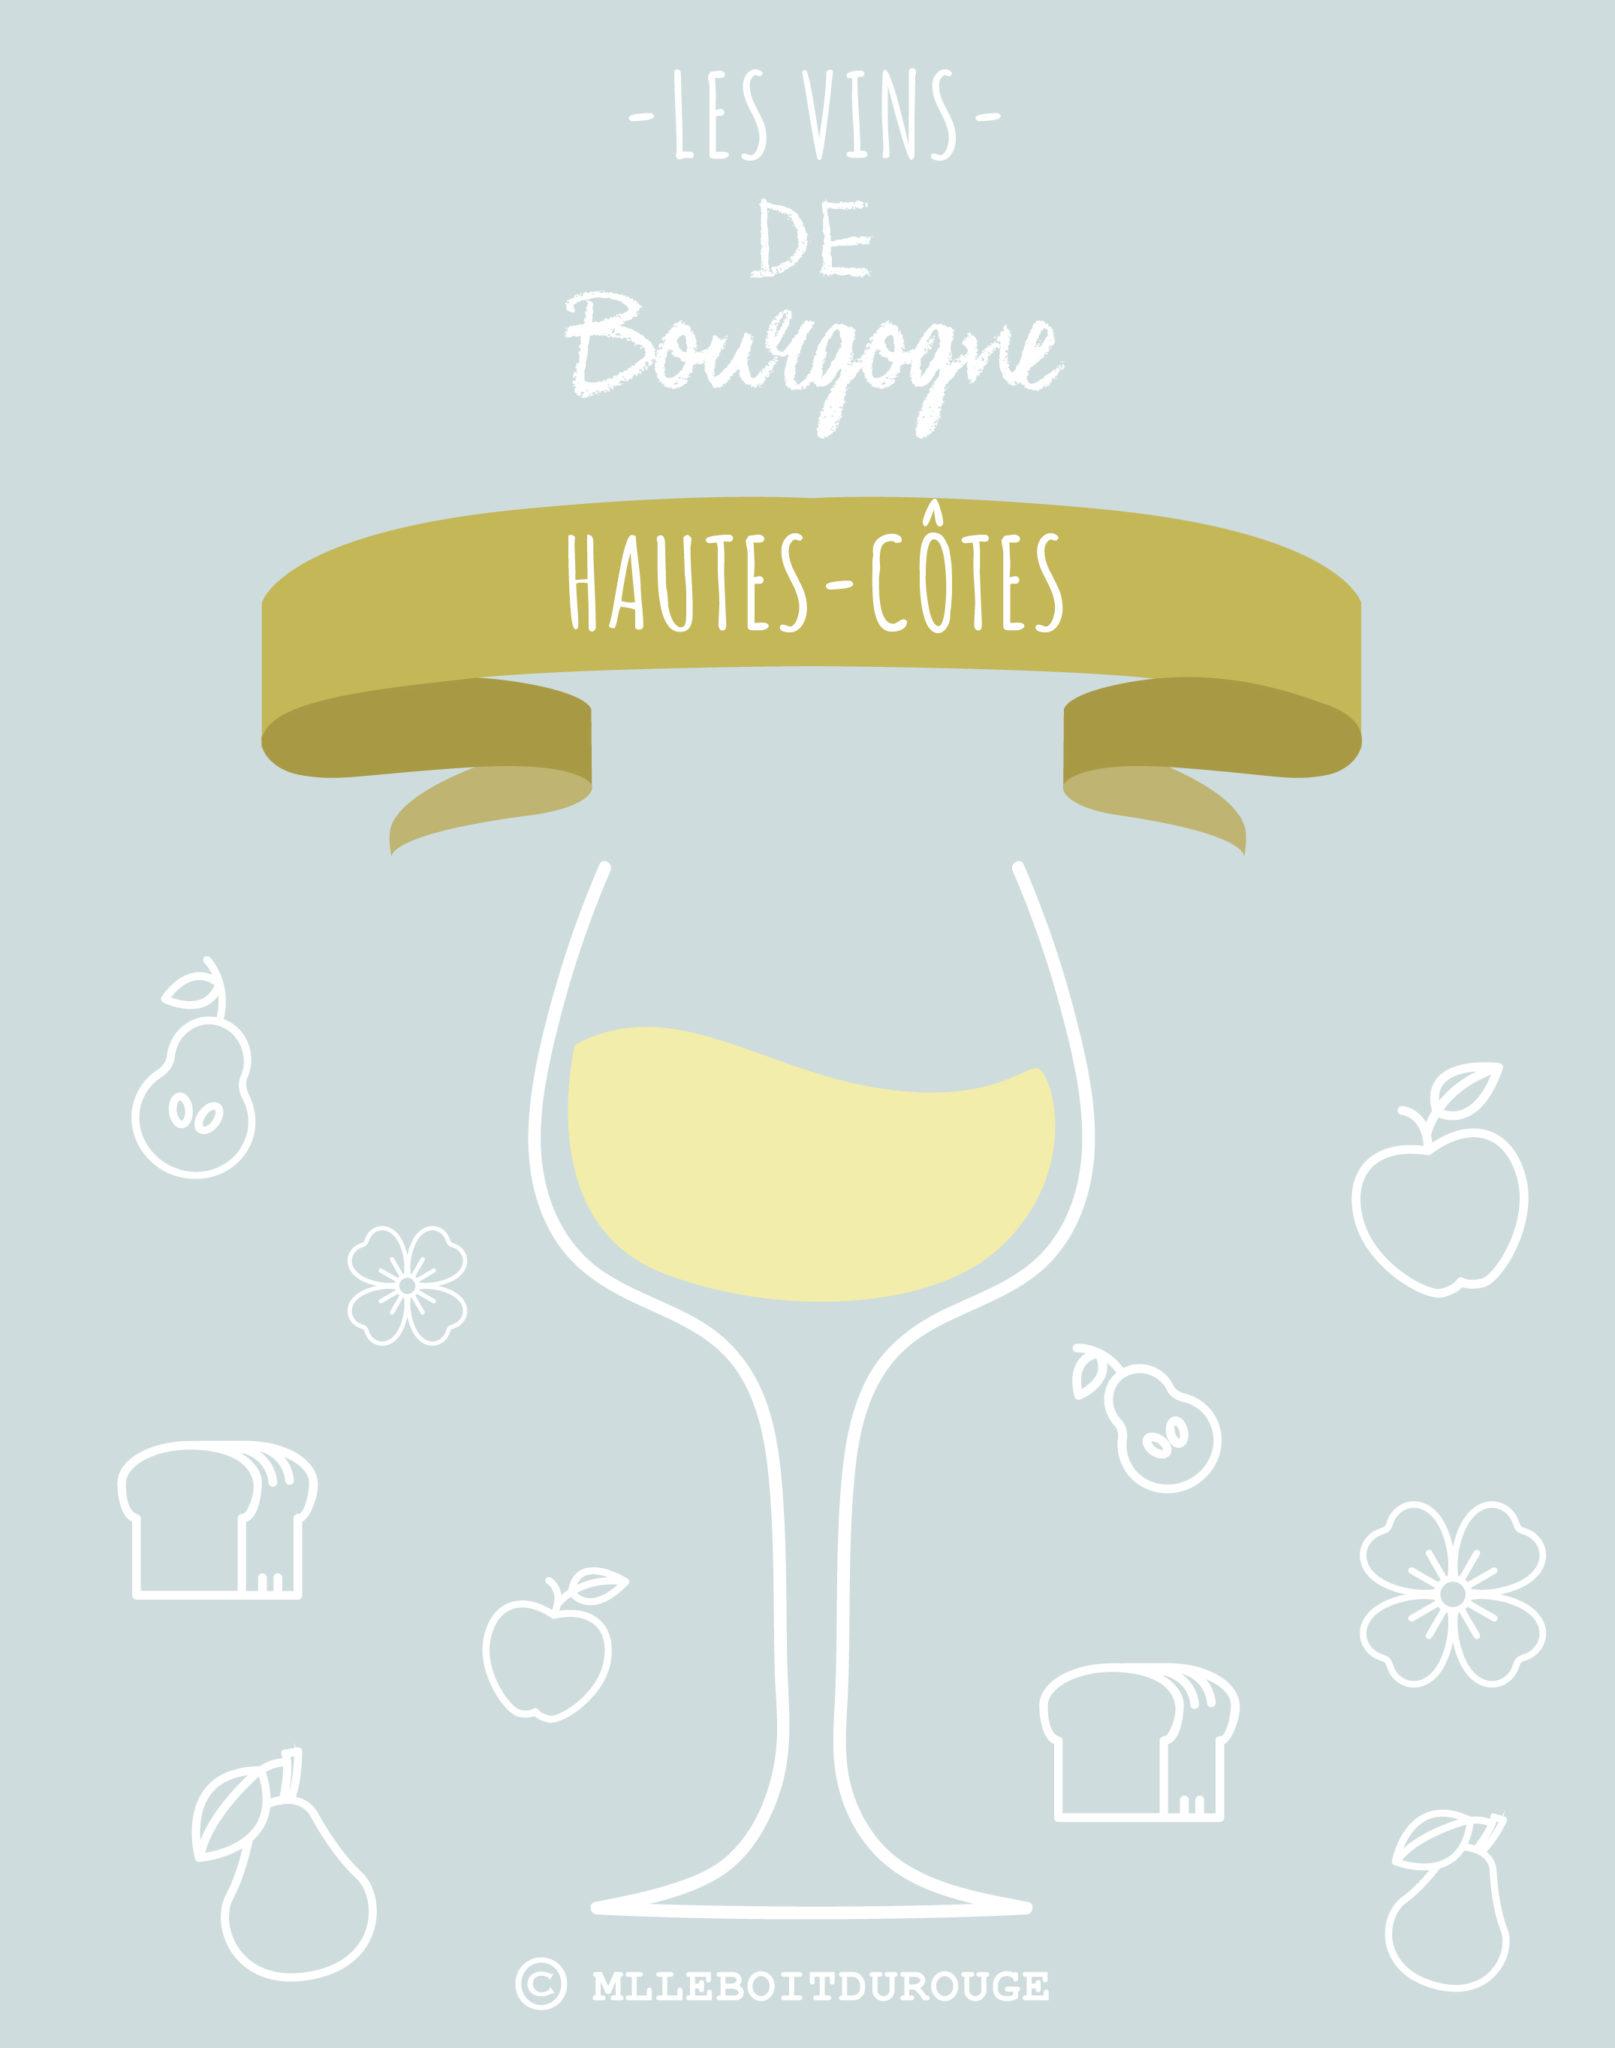 BOURGOGNE HAUTES-COTES